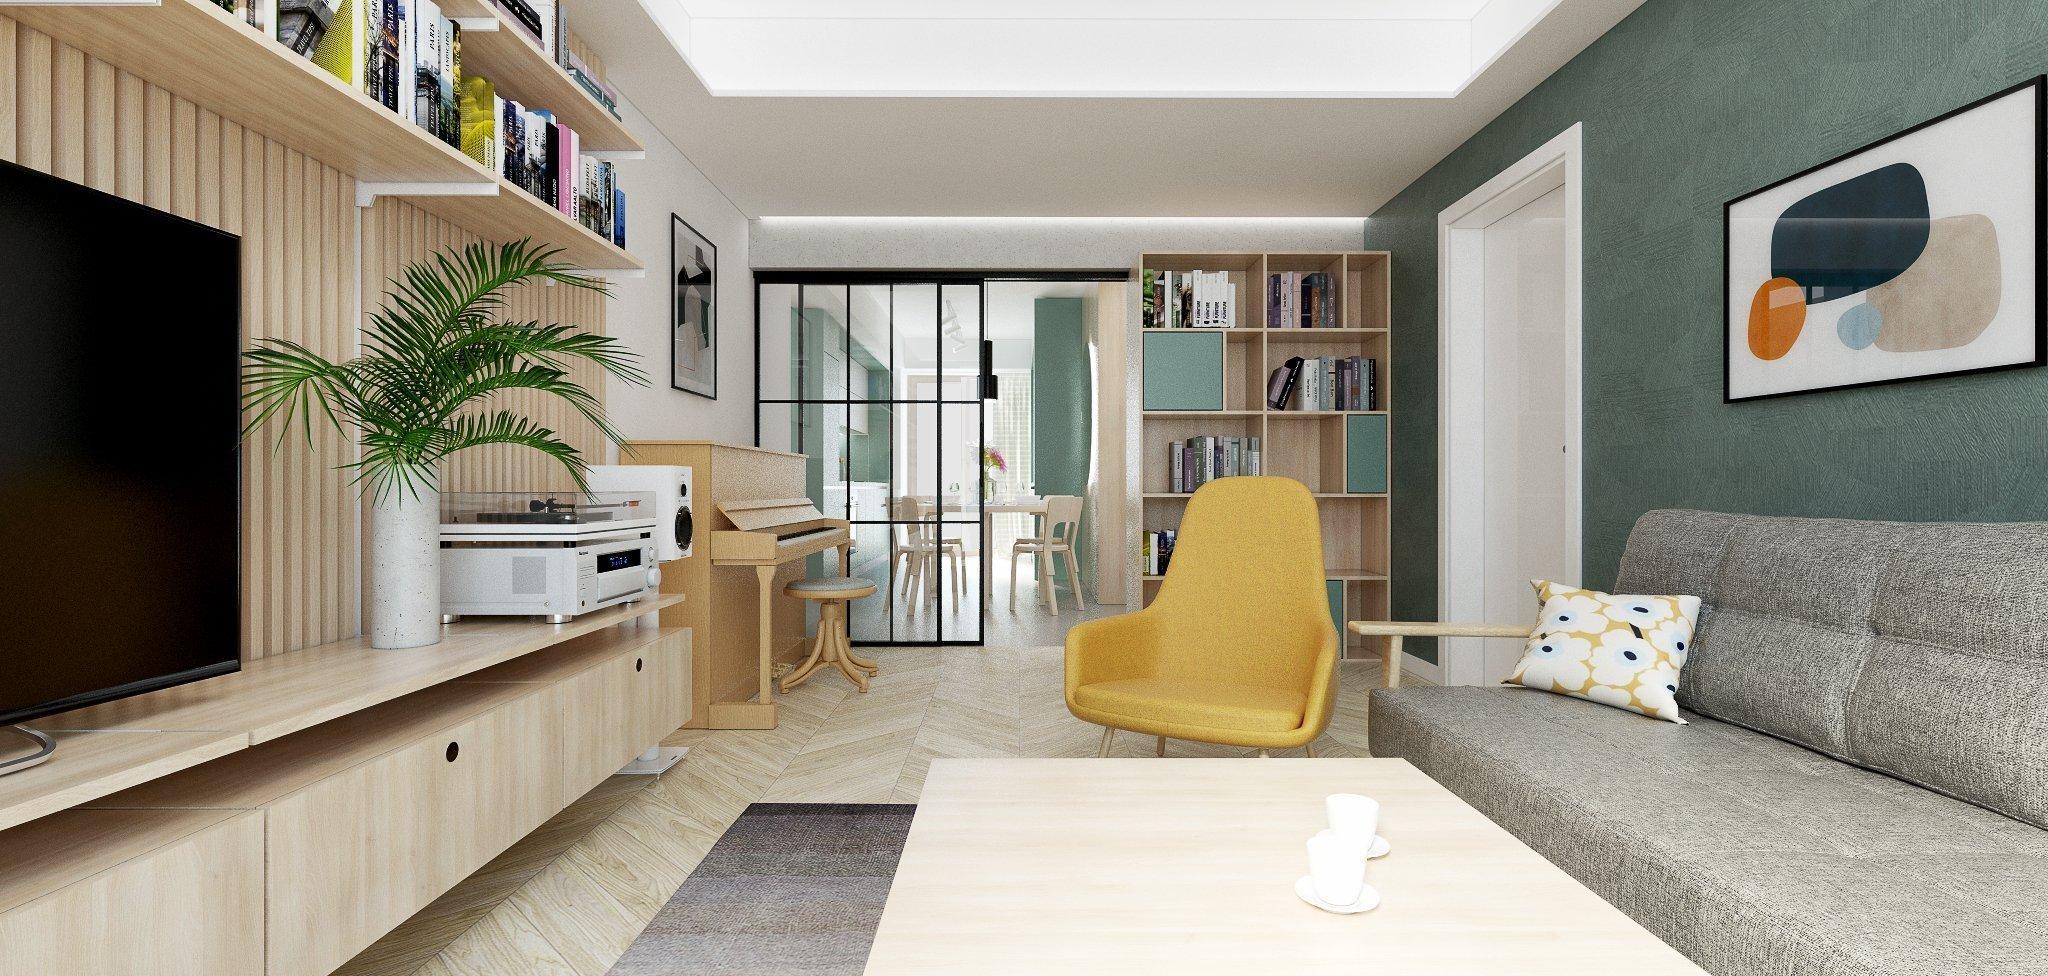 3-izbový byt v príjemnej kombinácii dreva a pastelových farieb